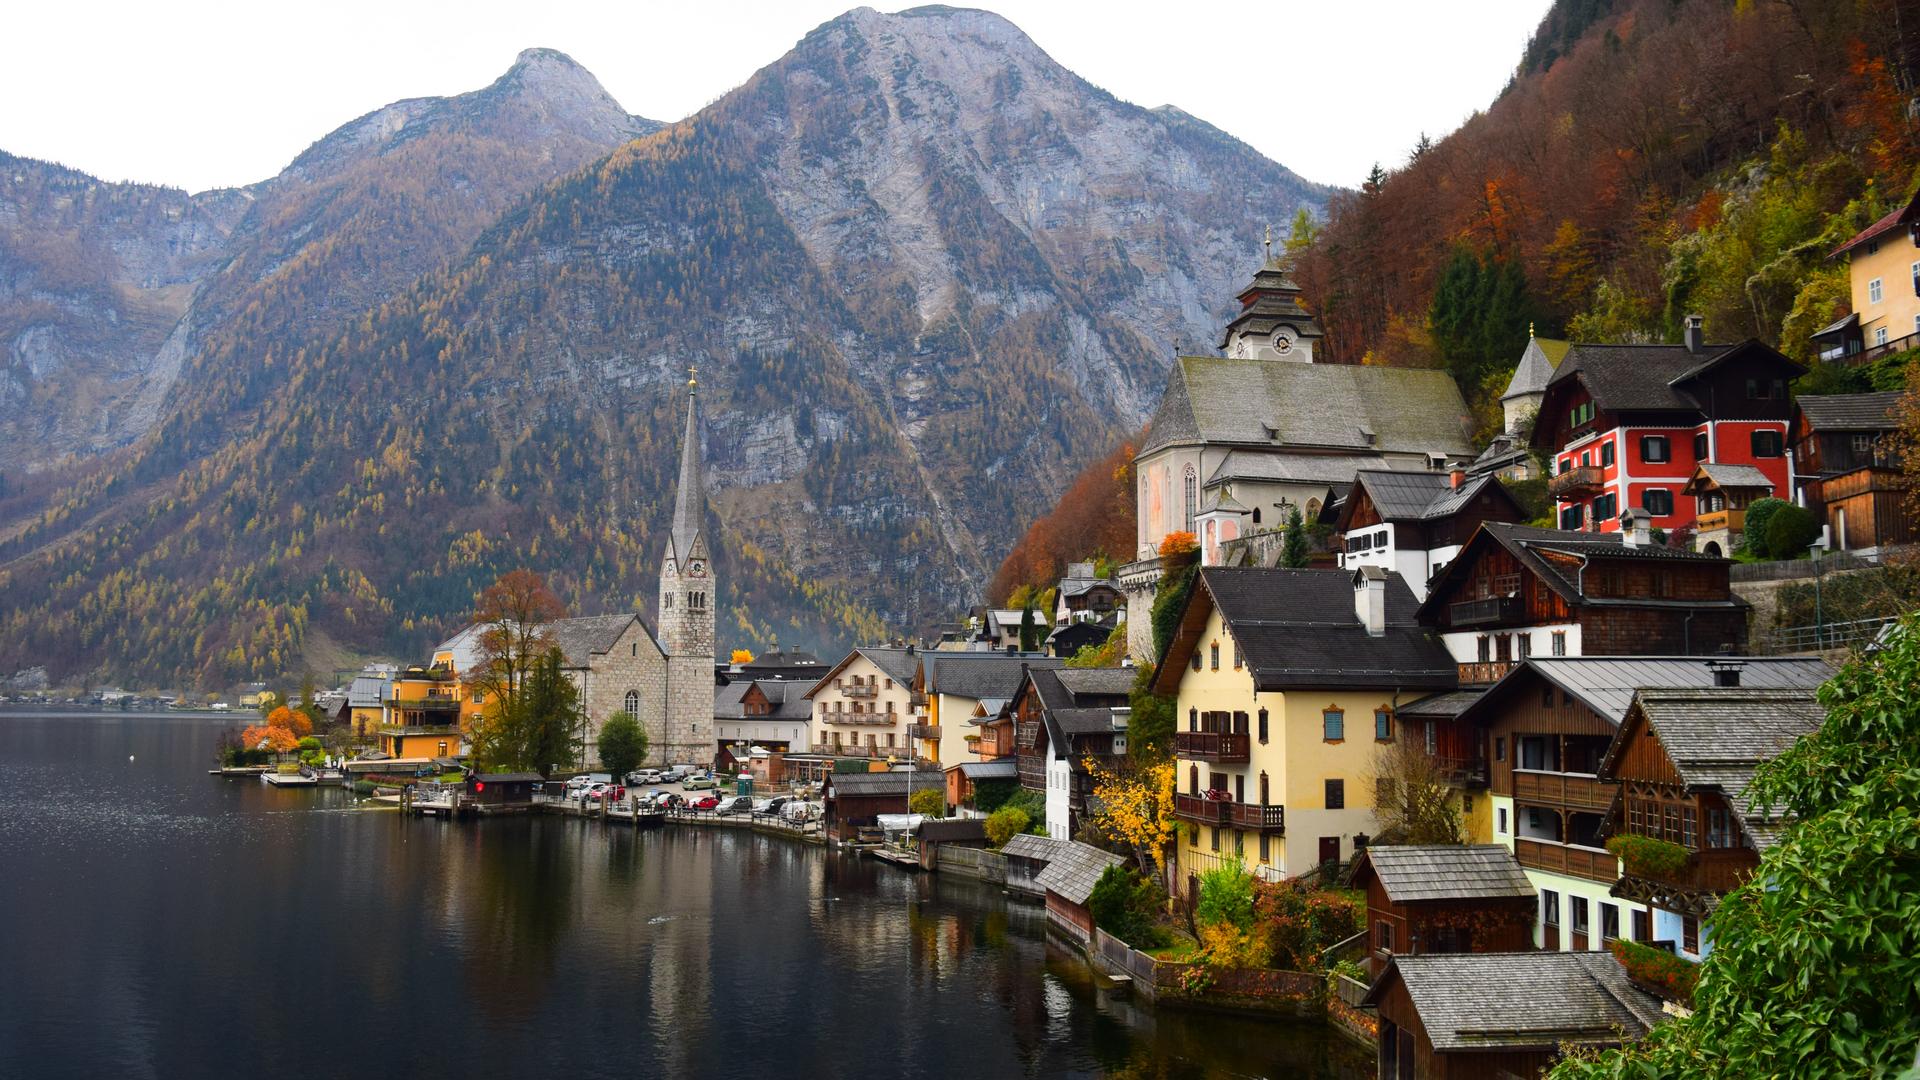 A view in Austria